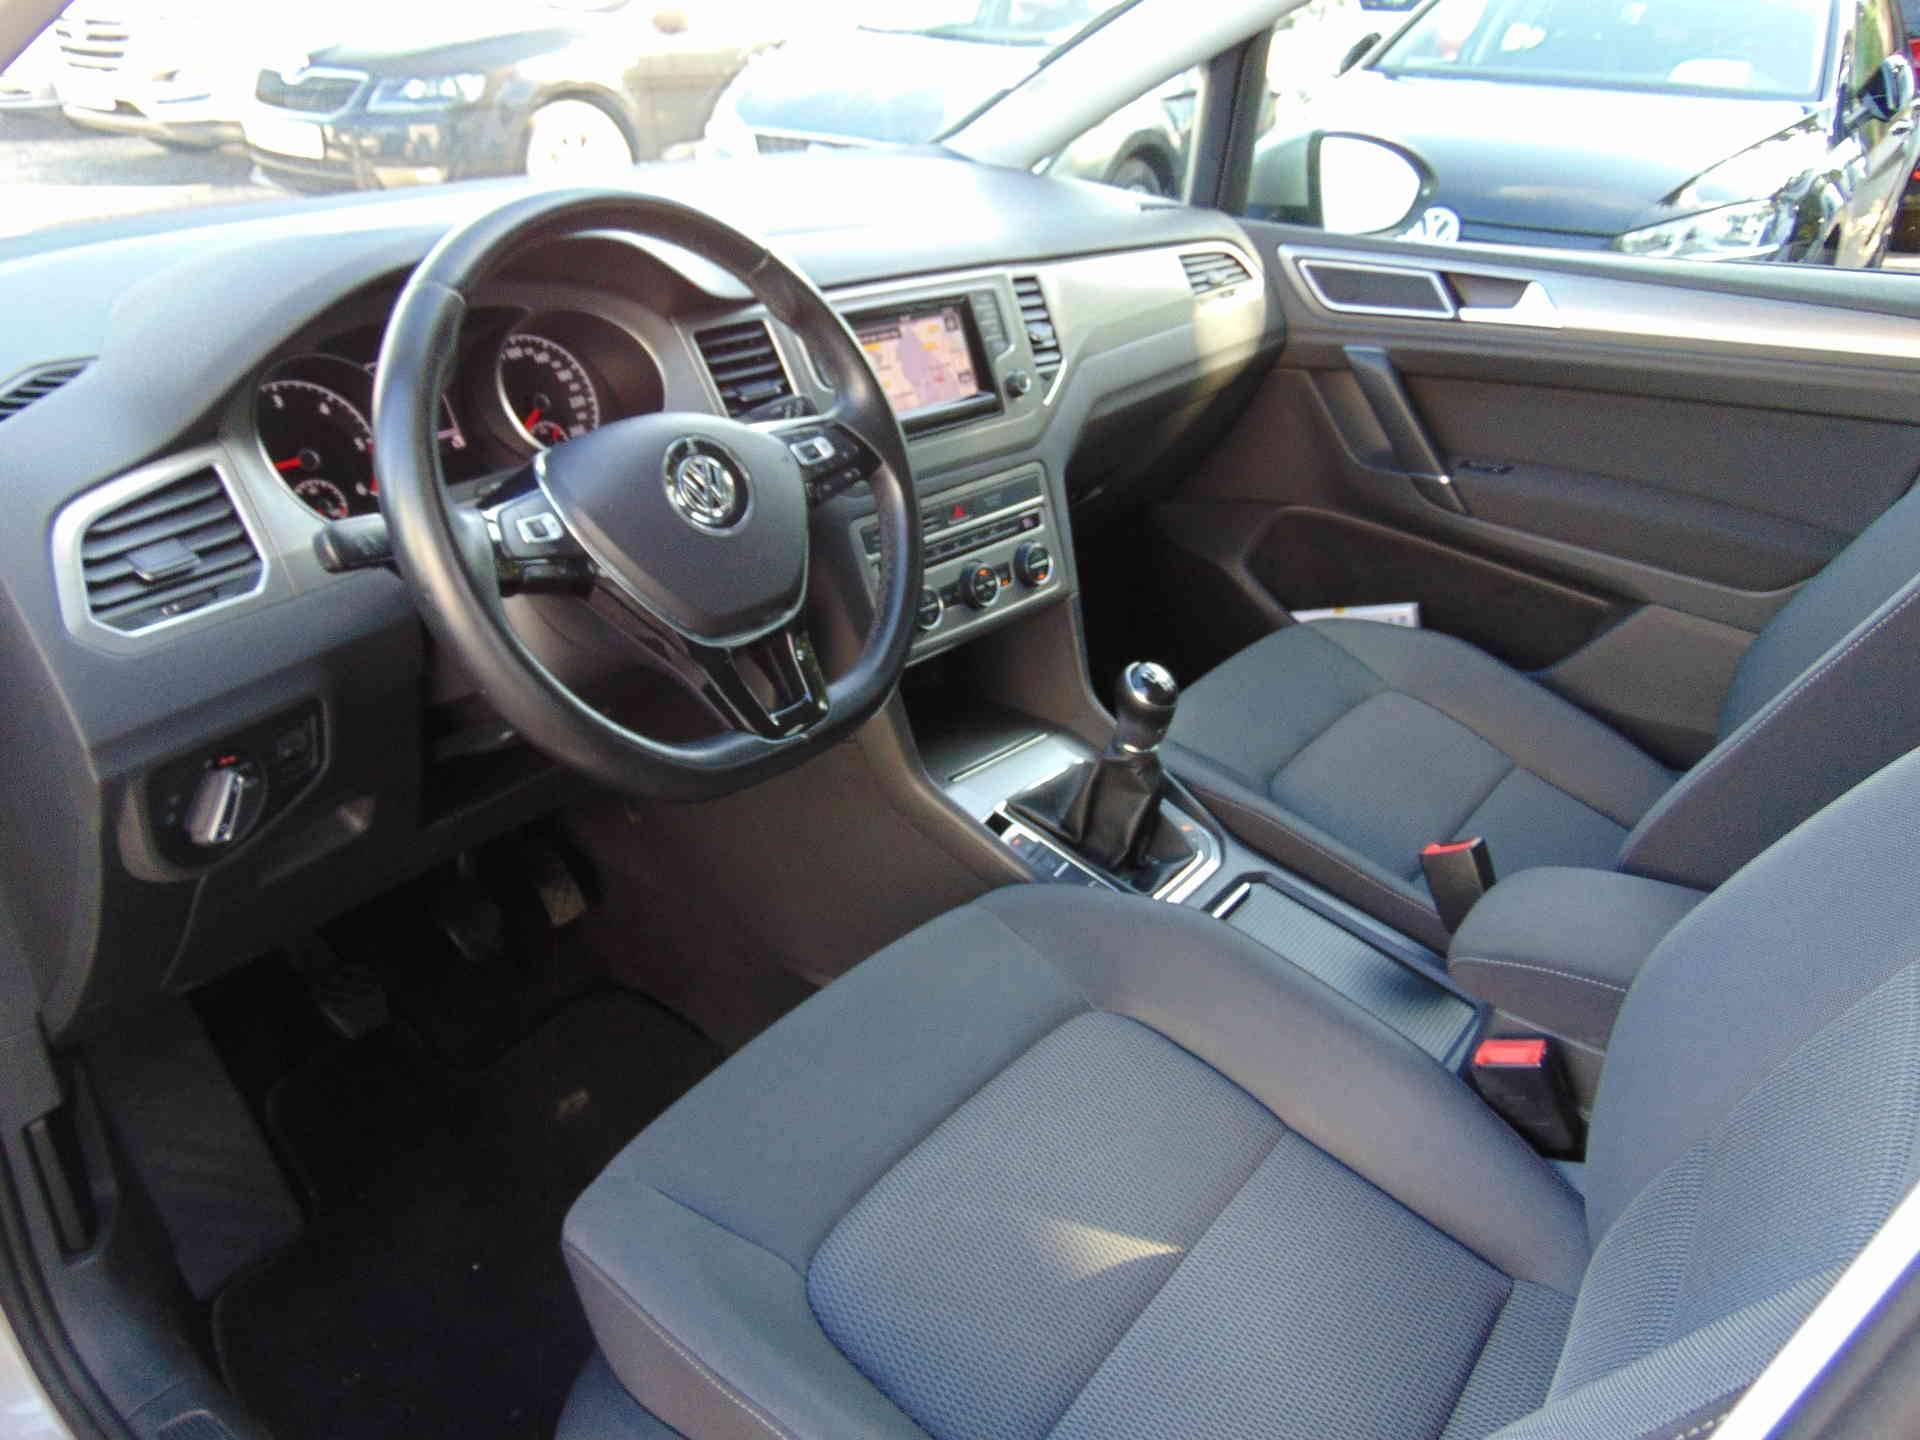 3 - Golf Sportsvan 2.0 TDI 150 FAP BMT